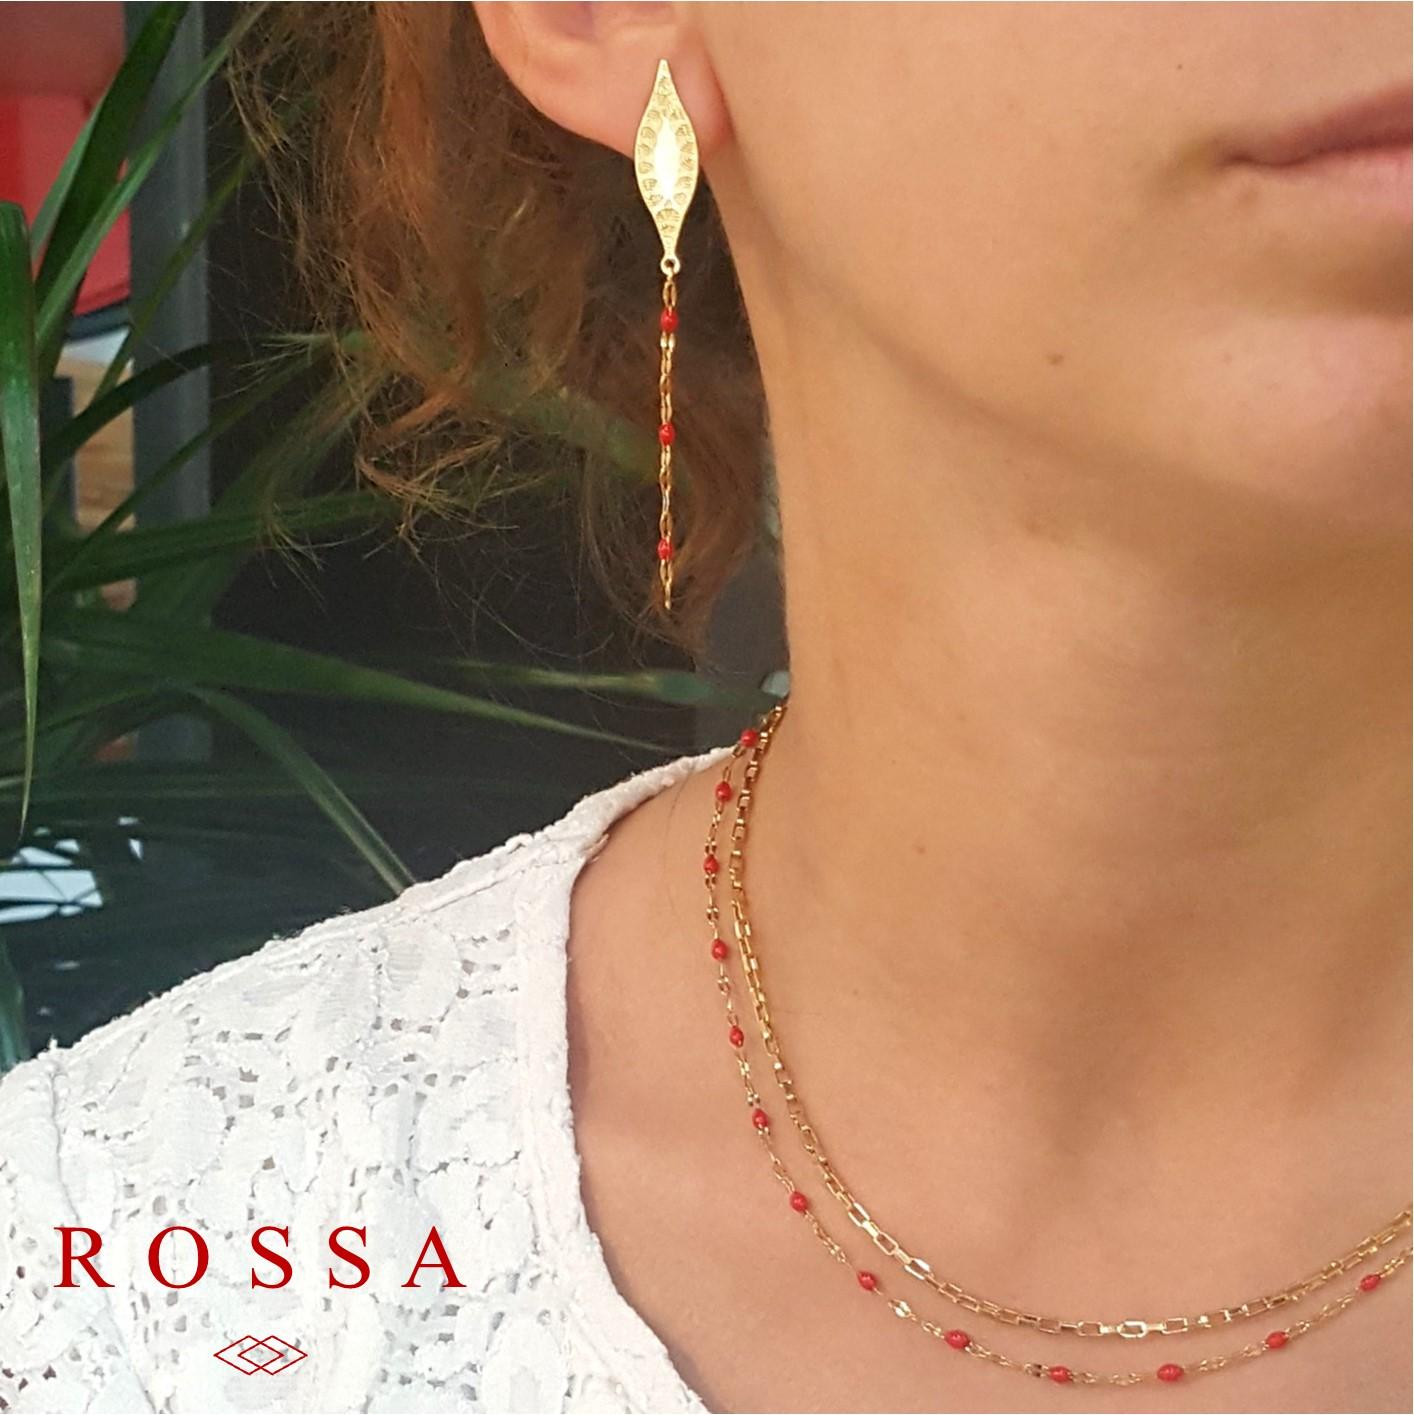 bijoux rossa - acier inoxydable et émaillage rouge - fabrication française - bijoux auvergnat